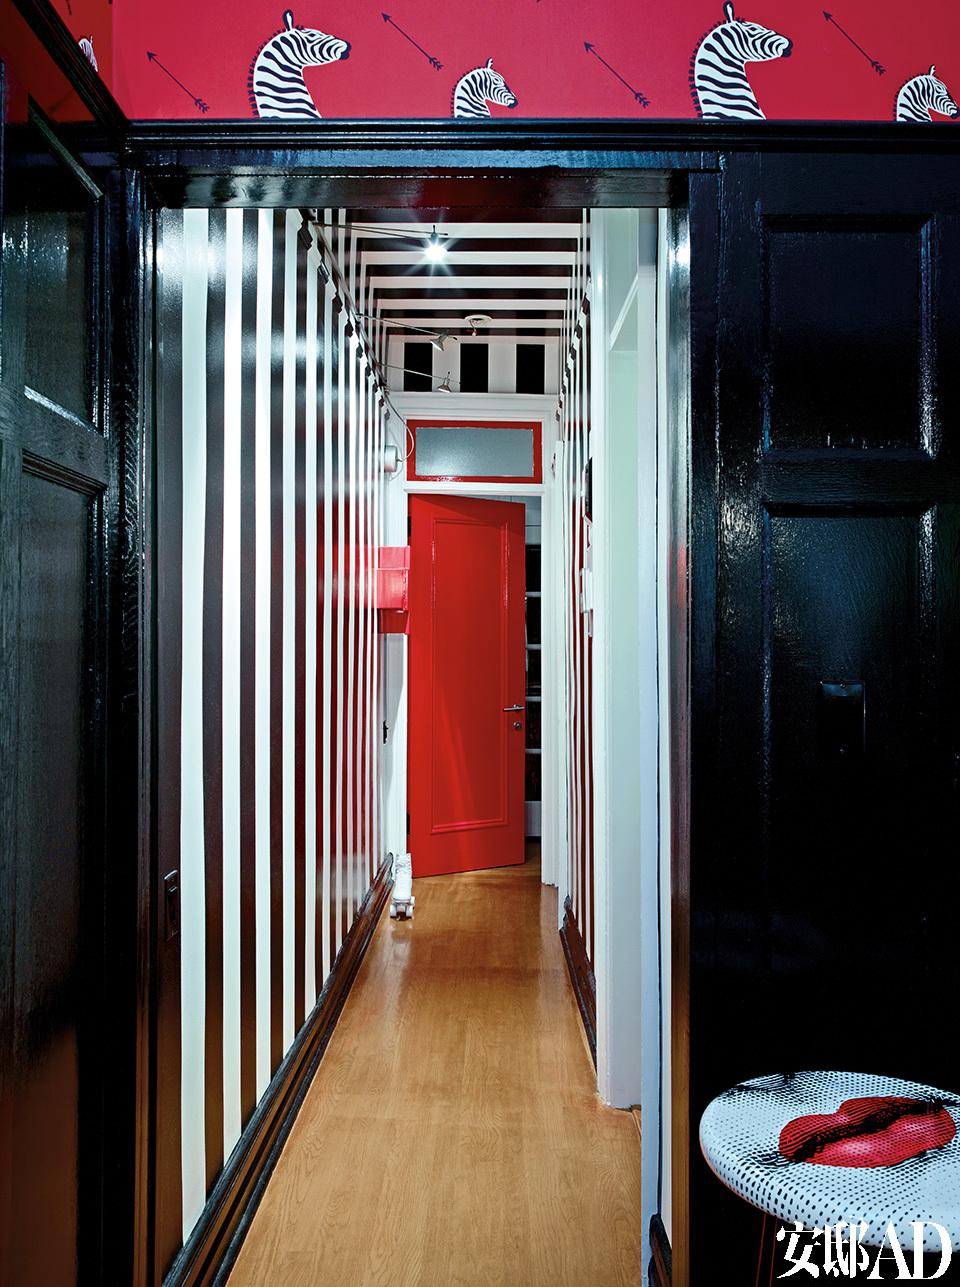 门厅中黑白条纹的特制墙面装饰受到了20世纪60年代童年回忆的影响(太空时代,Verner Panton和Pierre Cardin)。黑白条纹墙纸让原本狭窄的走廊呈现出视觉扩张的效果,白色部分是亚光,黑色部分特意选择高光,灯光下显示得更精致。